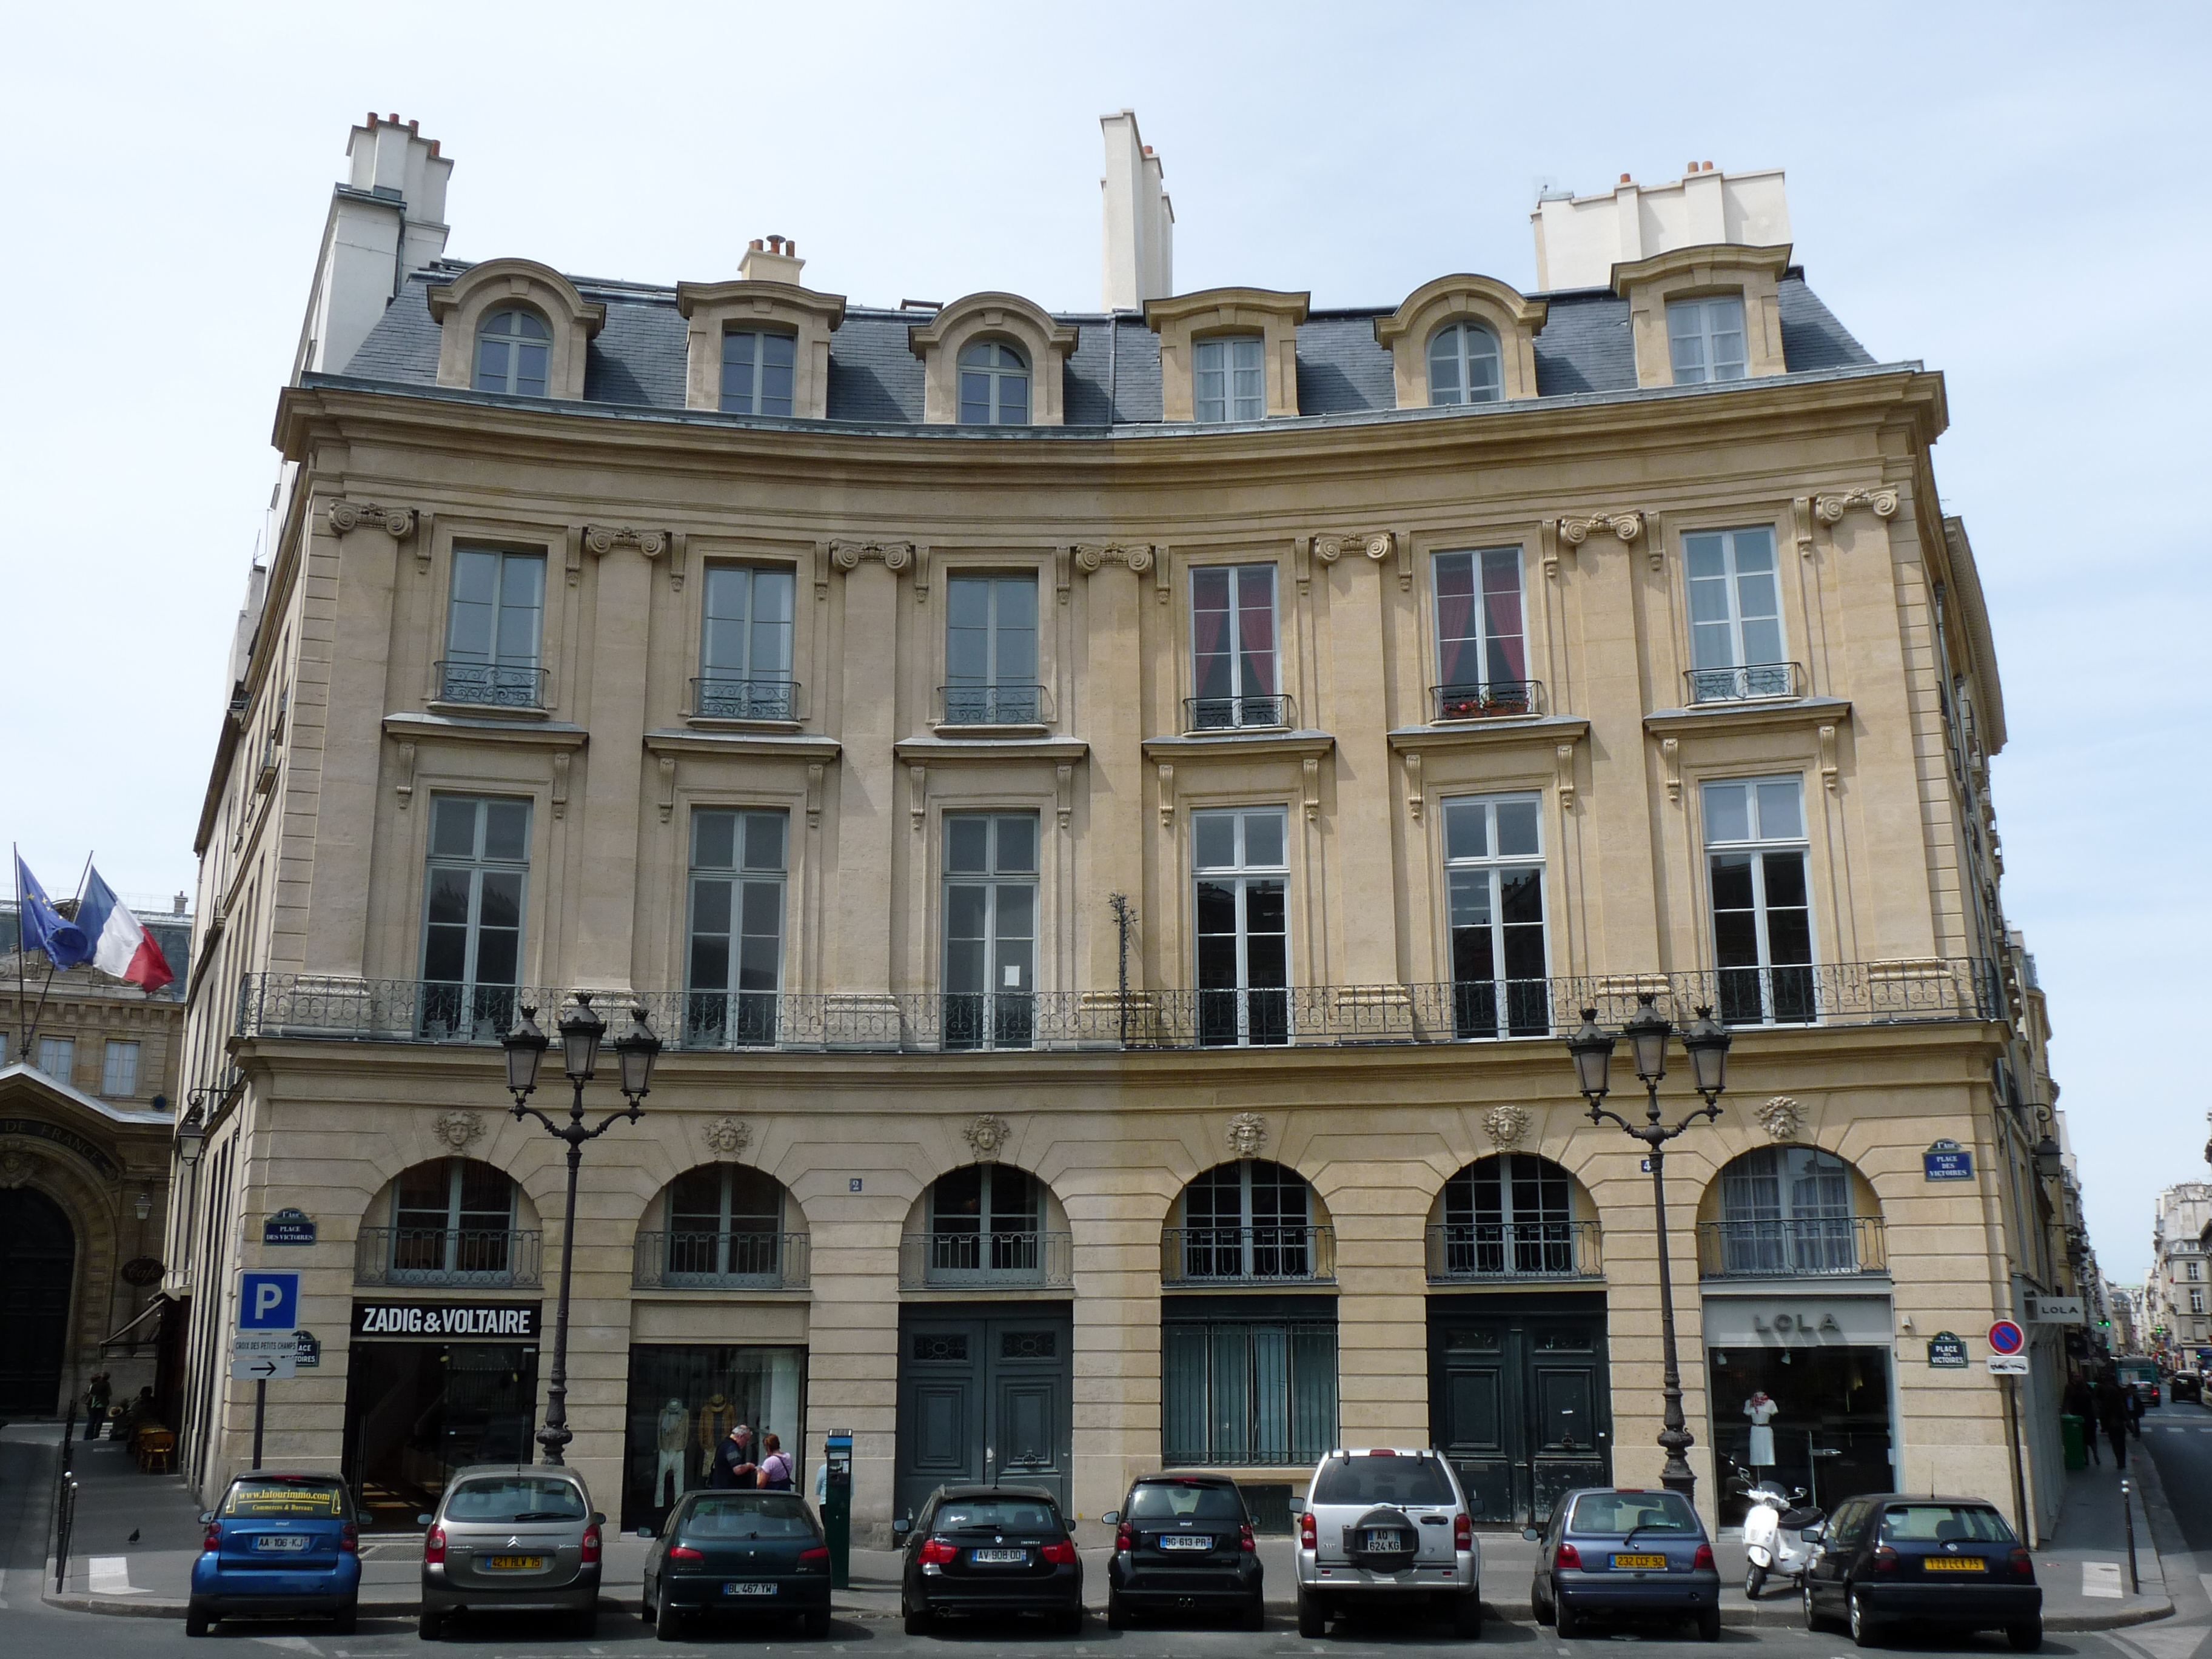 Bergeret-grancourt-gauche-bergeret-talmont-droite-2-4_place_des_victoires